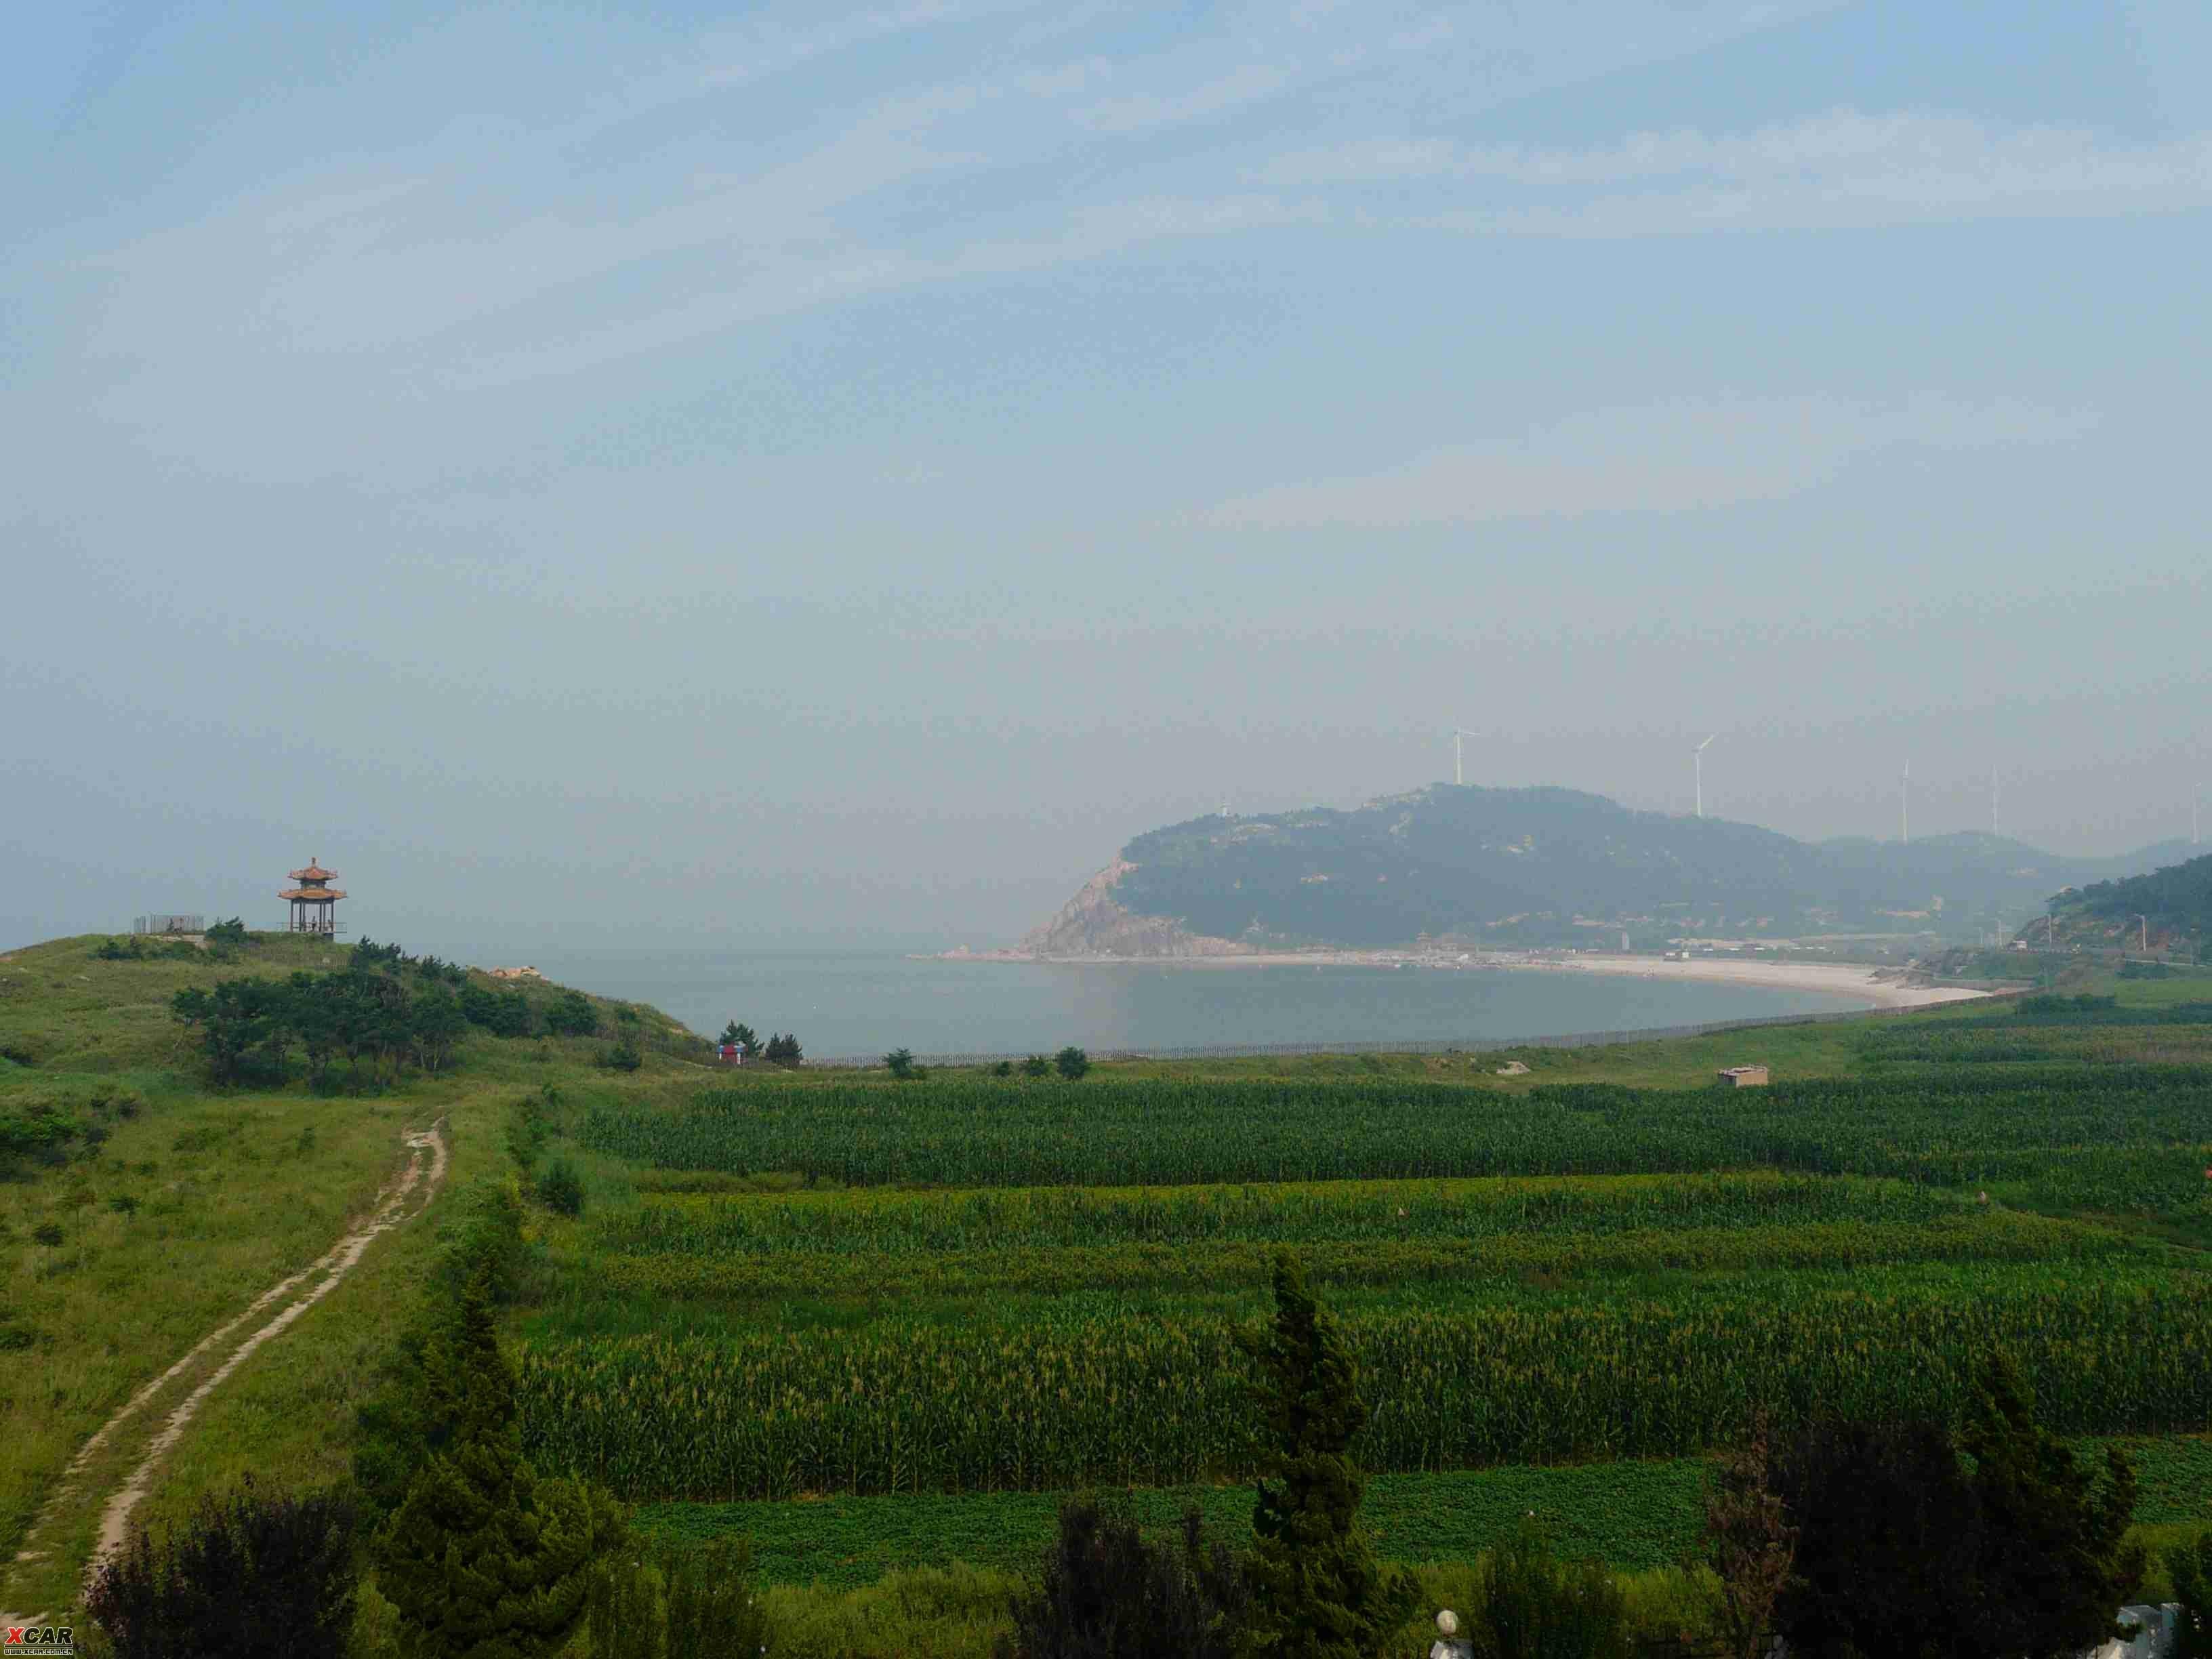 山东长岛 刘公岛旅游图片,好多好多 天津汽车论坛 xcar 爱高清图片